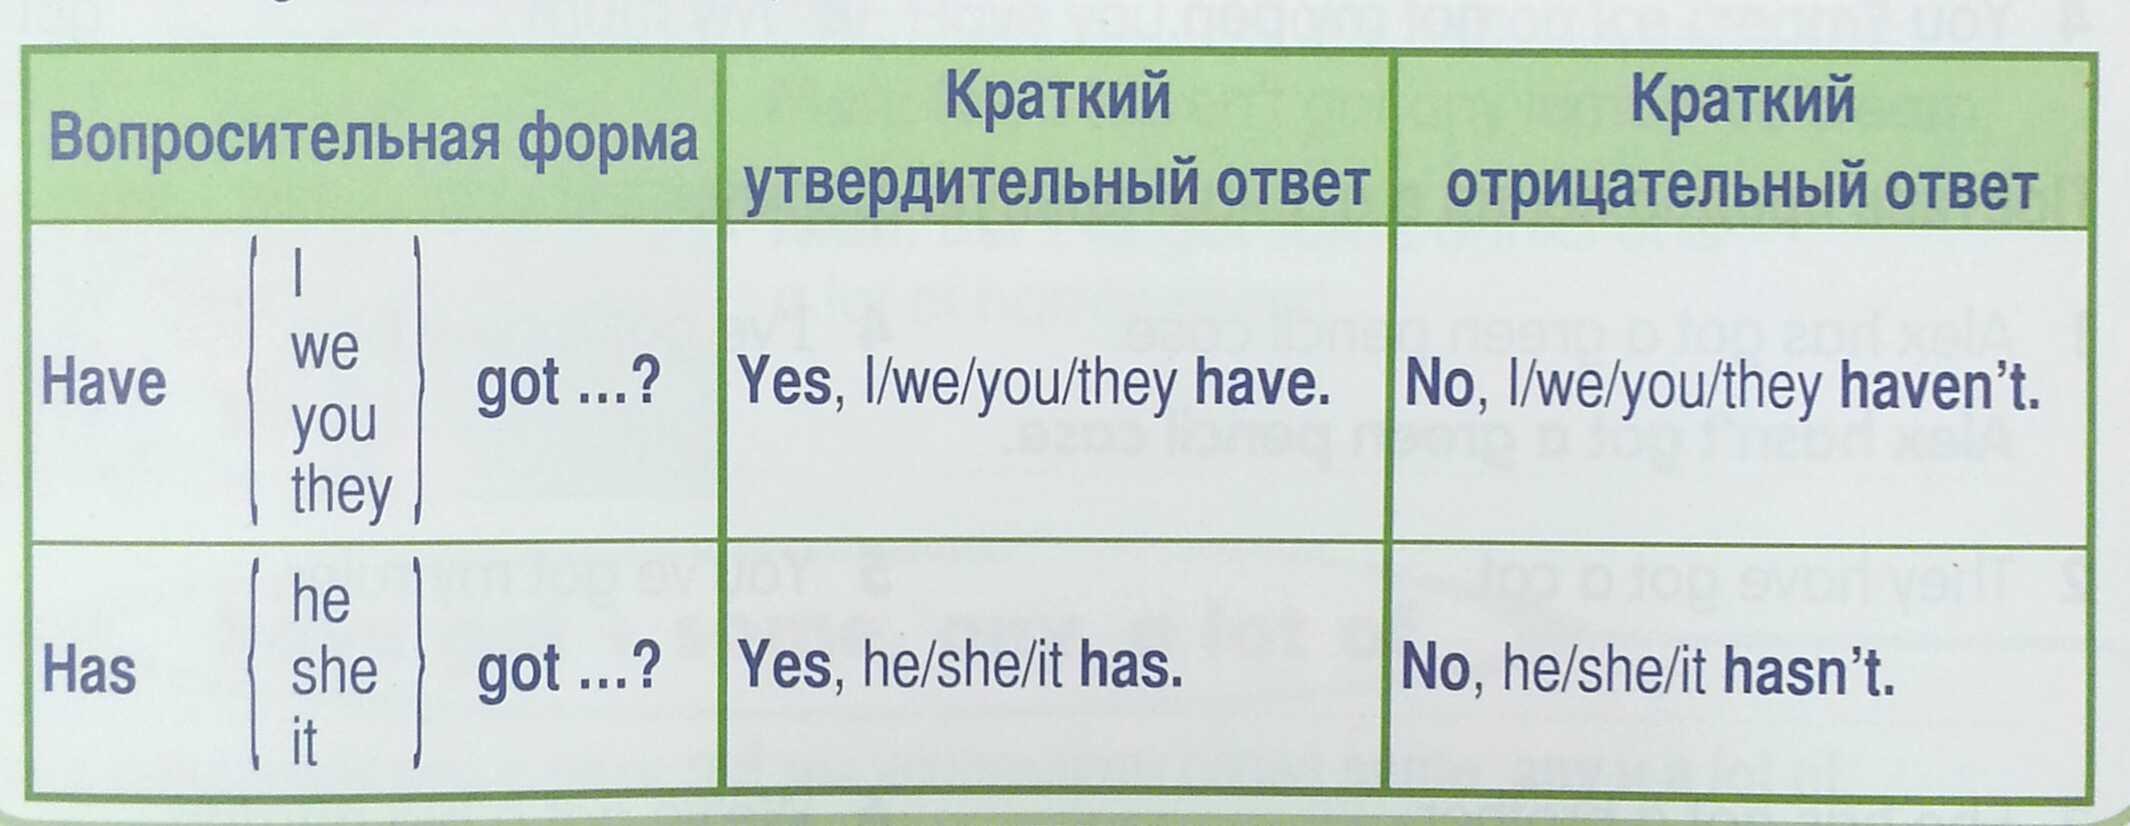 Как сделать отрицательные предложения по английски